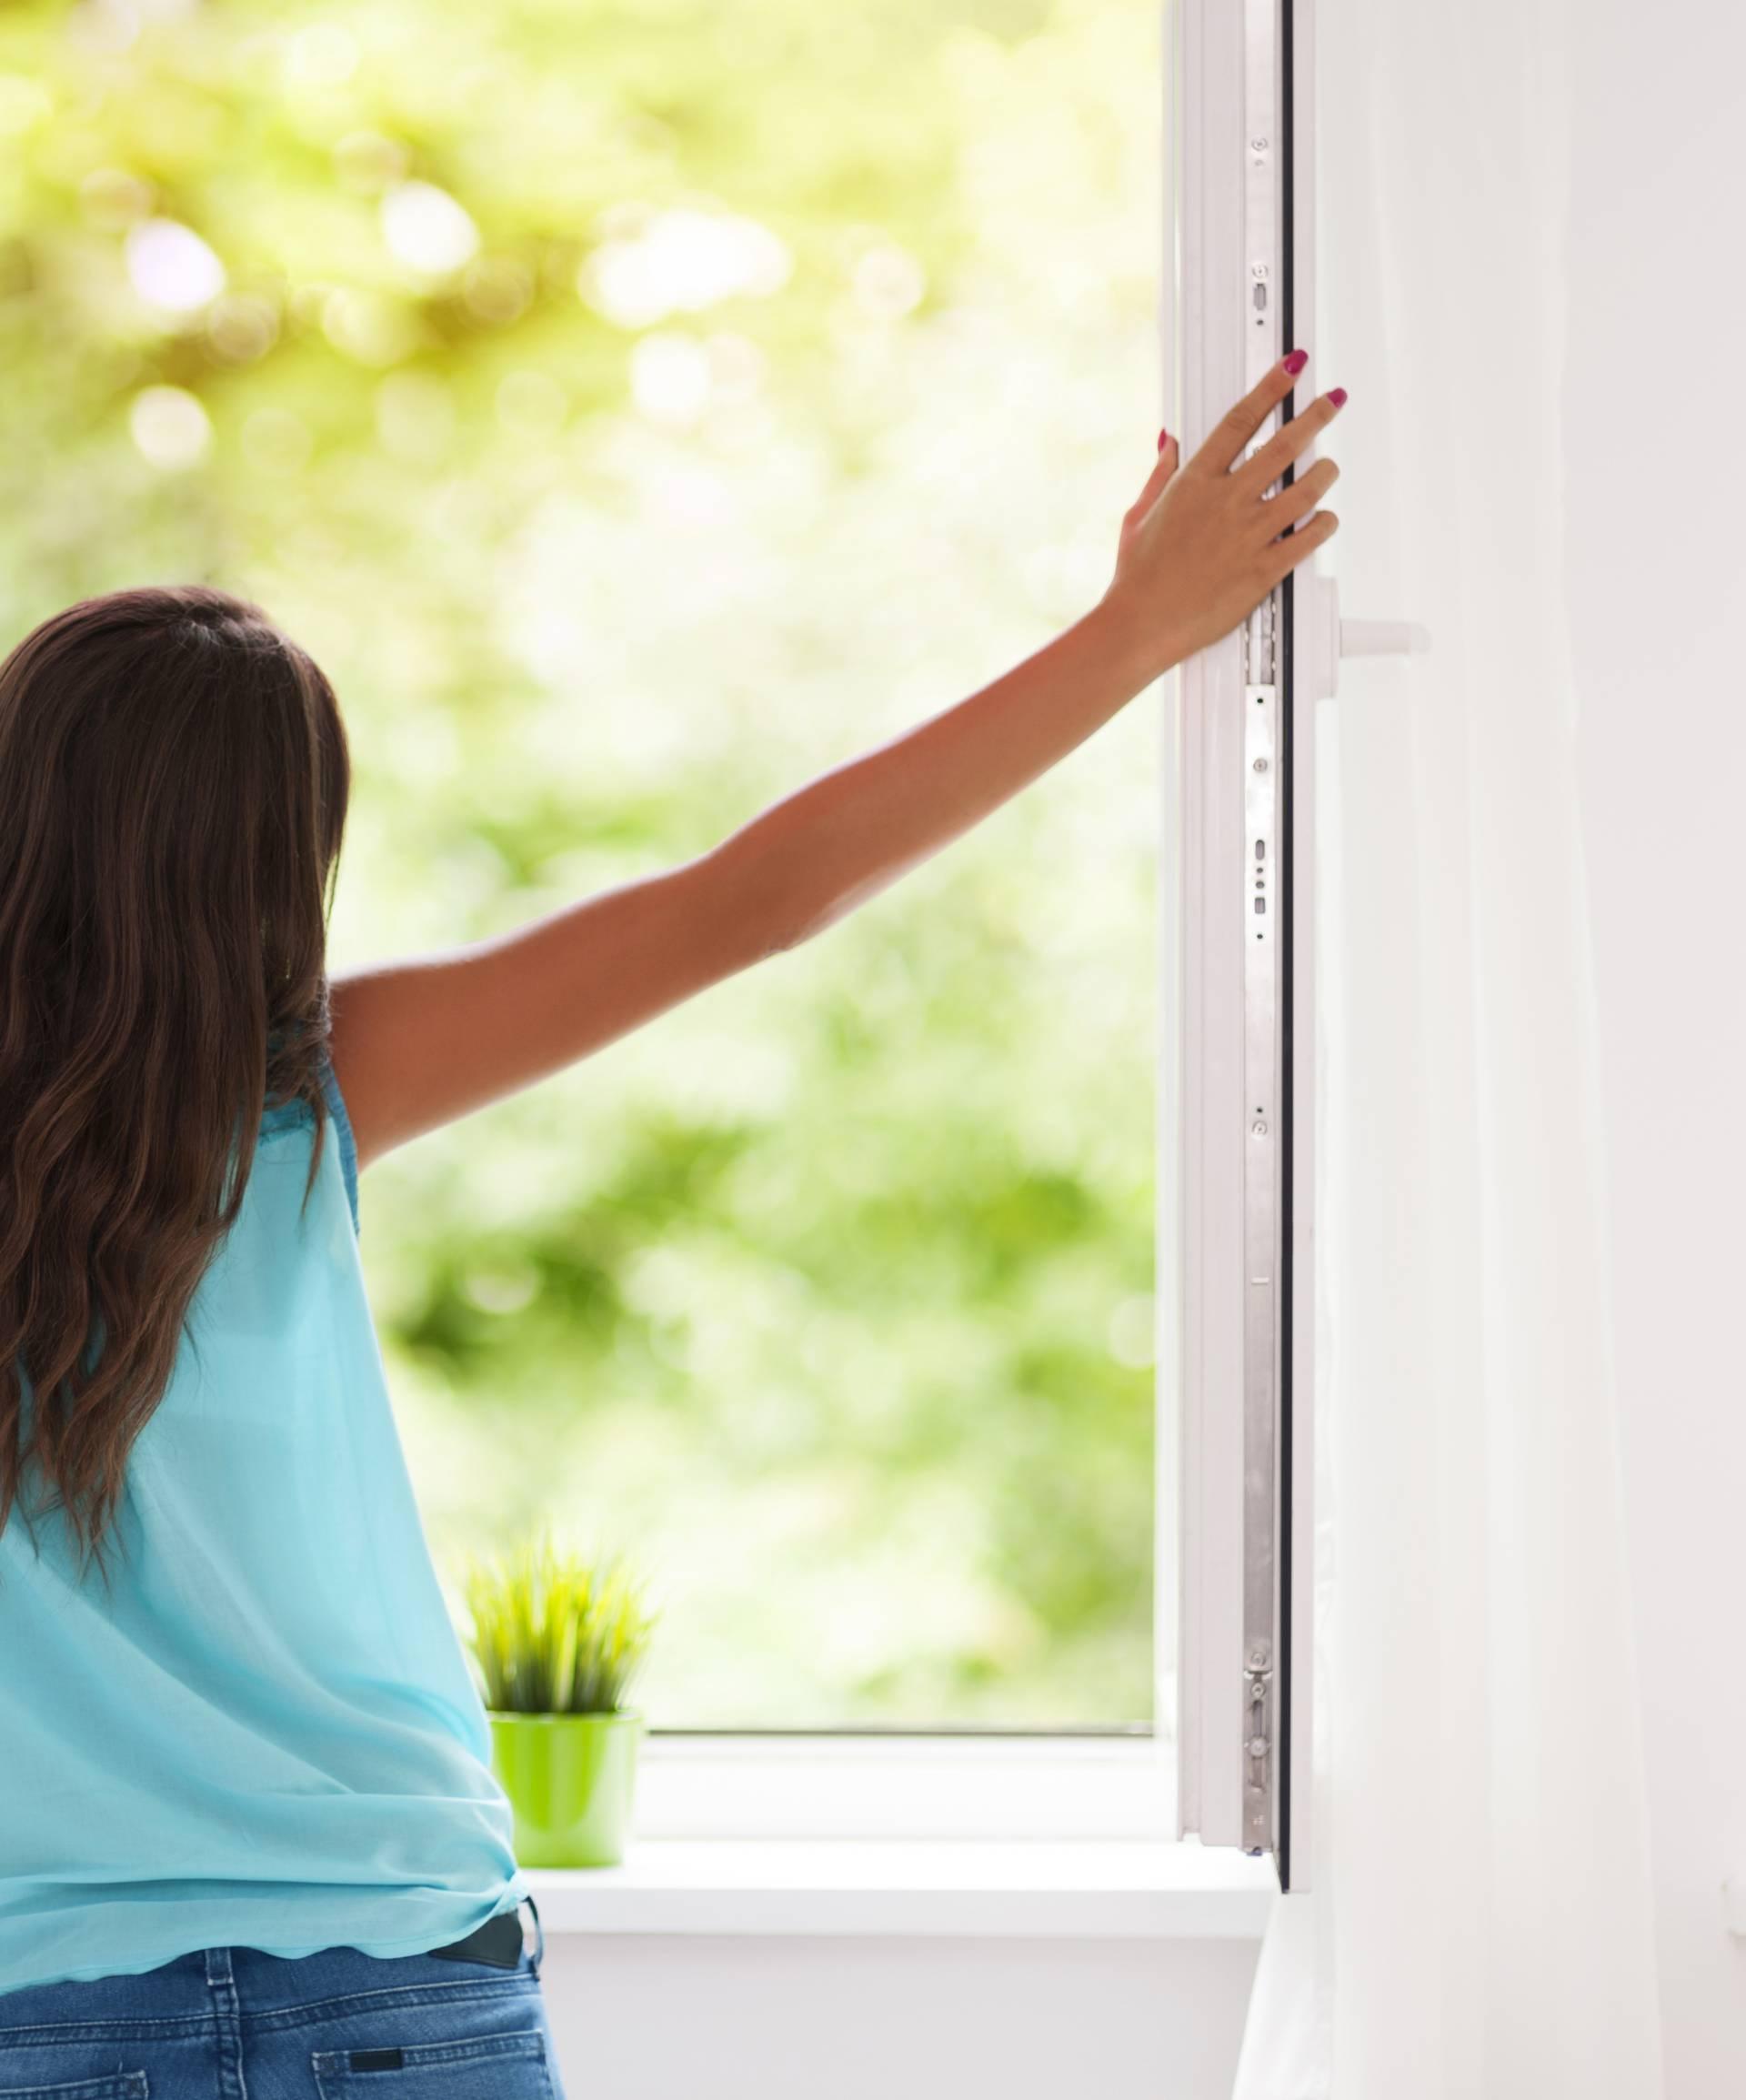 Evo kako poboljšati kvalitetu zraka u zatvorenom prostoru